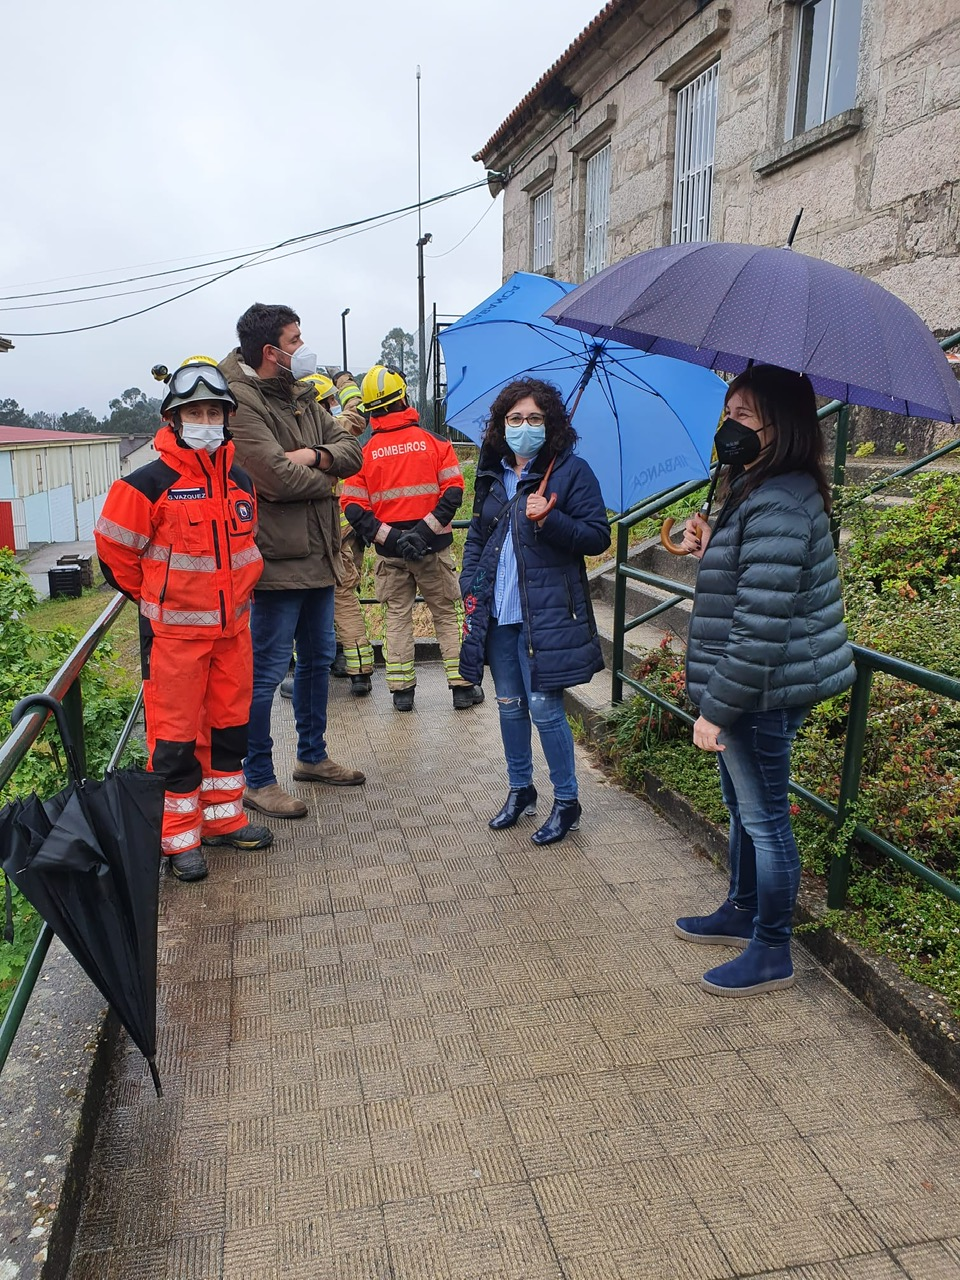 O Concello non intervirá no Colexio de Budiño xa que a Xunta de Galicia asumirá as súas responsabilidades